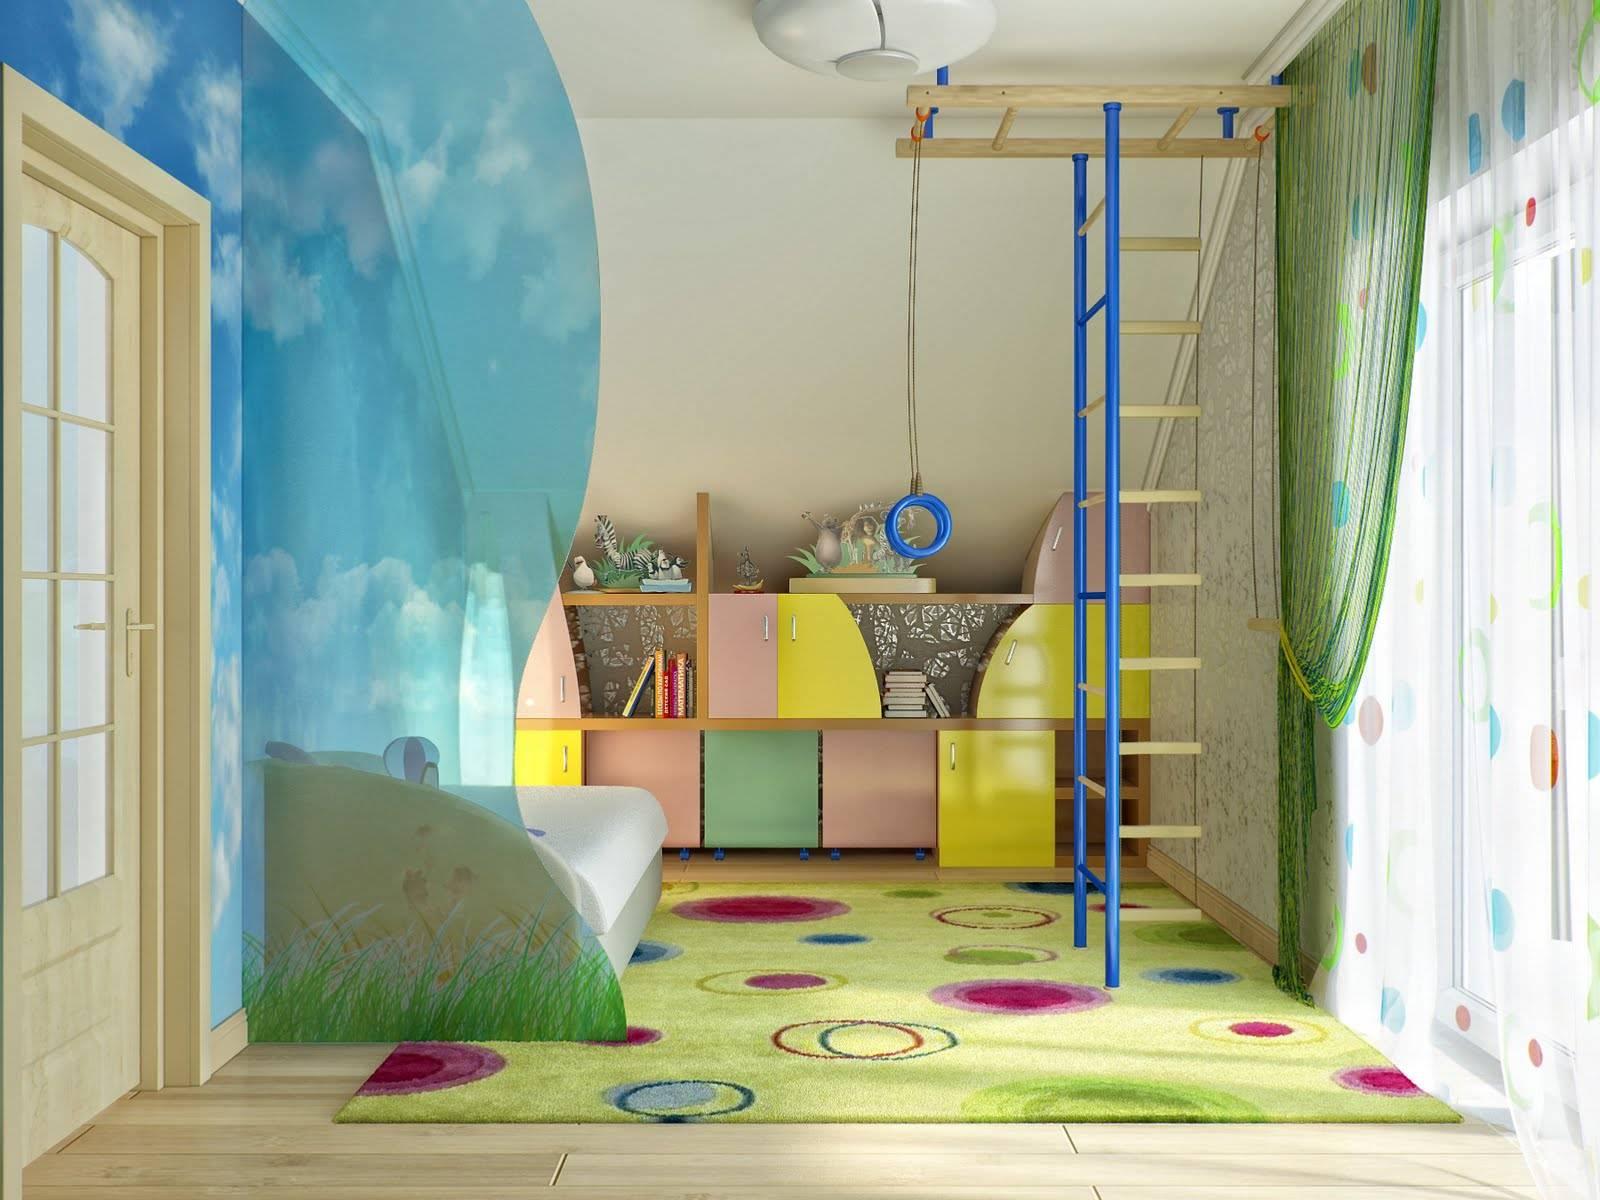 Детская комната для троих детей - фото обзор идей интерьера